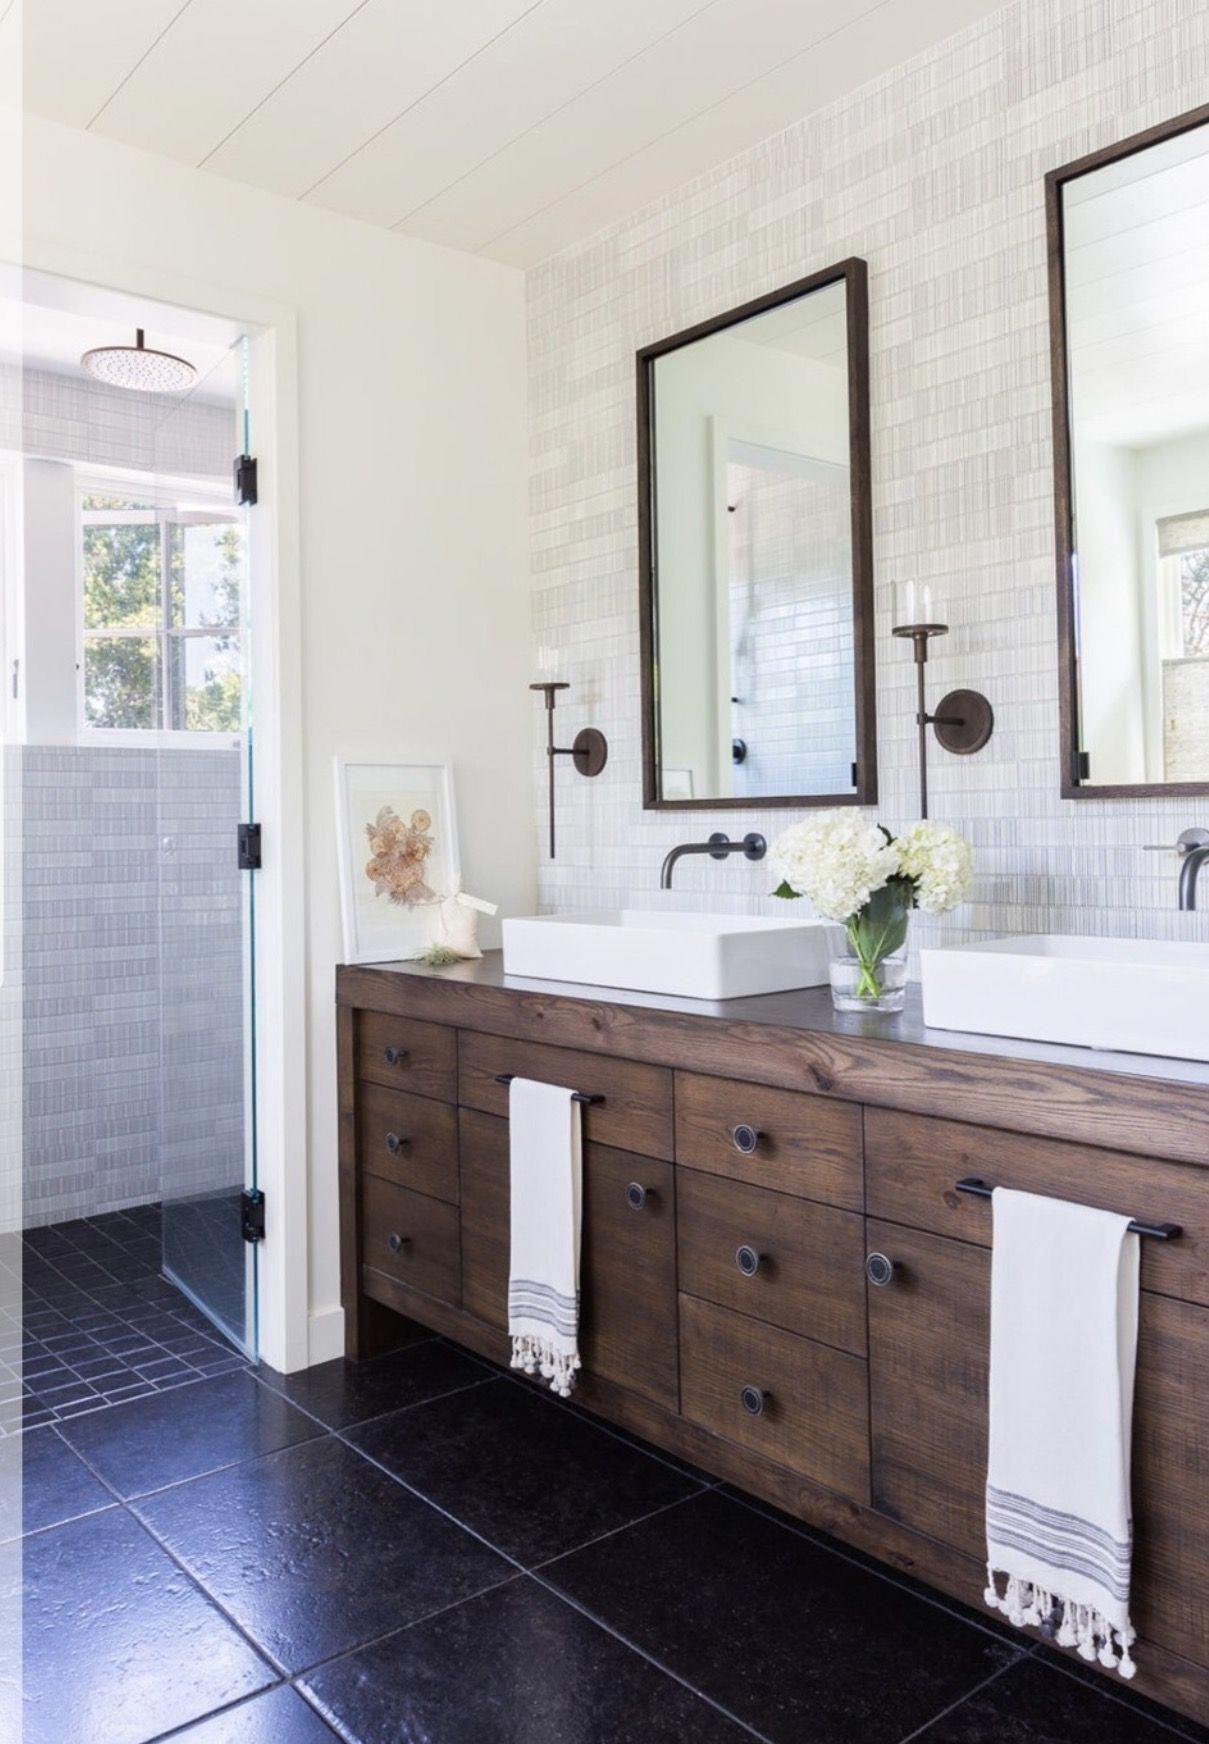 Bathroom Tile Gray   Modern farmhouse bathroom, Rustic ... on Rustic Farmhouse Bathroom Tile  id=45372